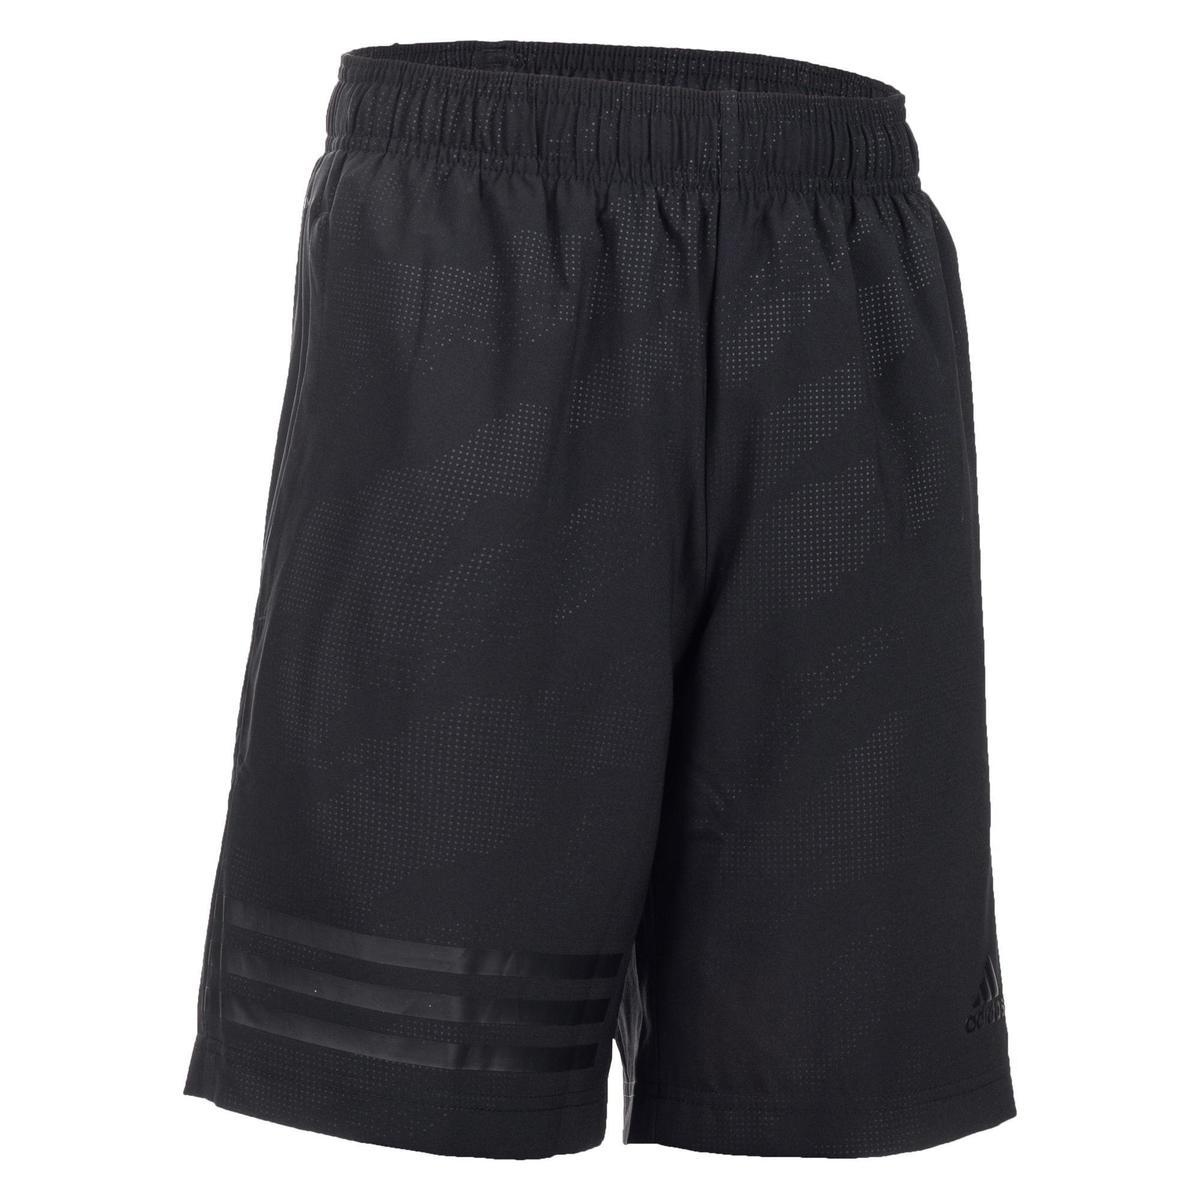 Bild 1 von Sporthose kurz Gym Kinder schwarz